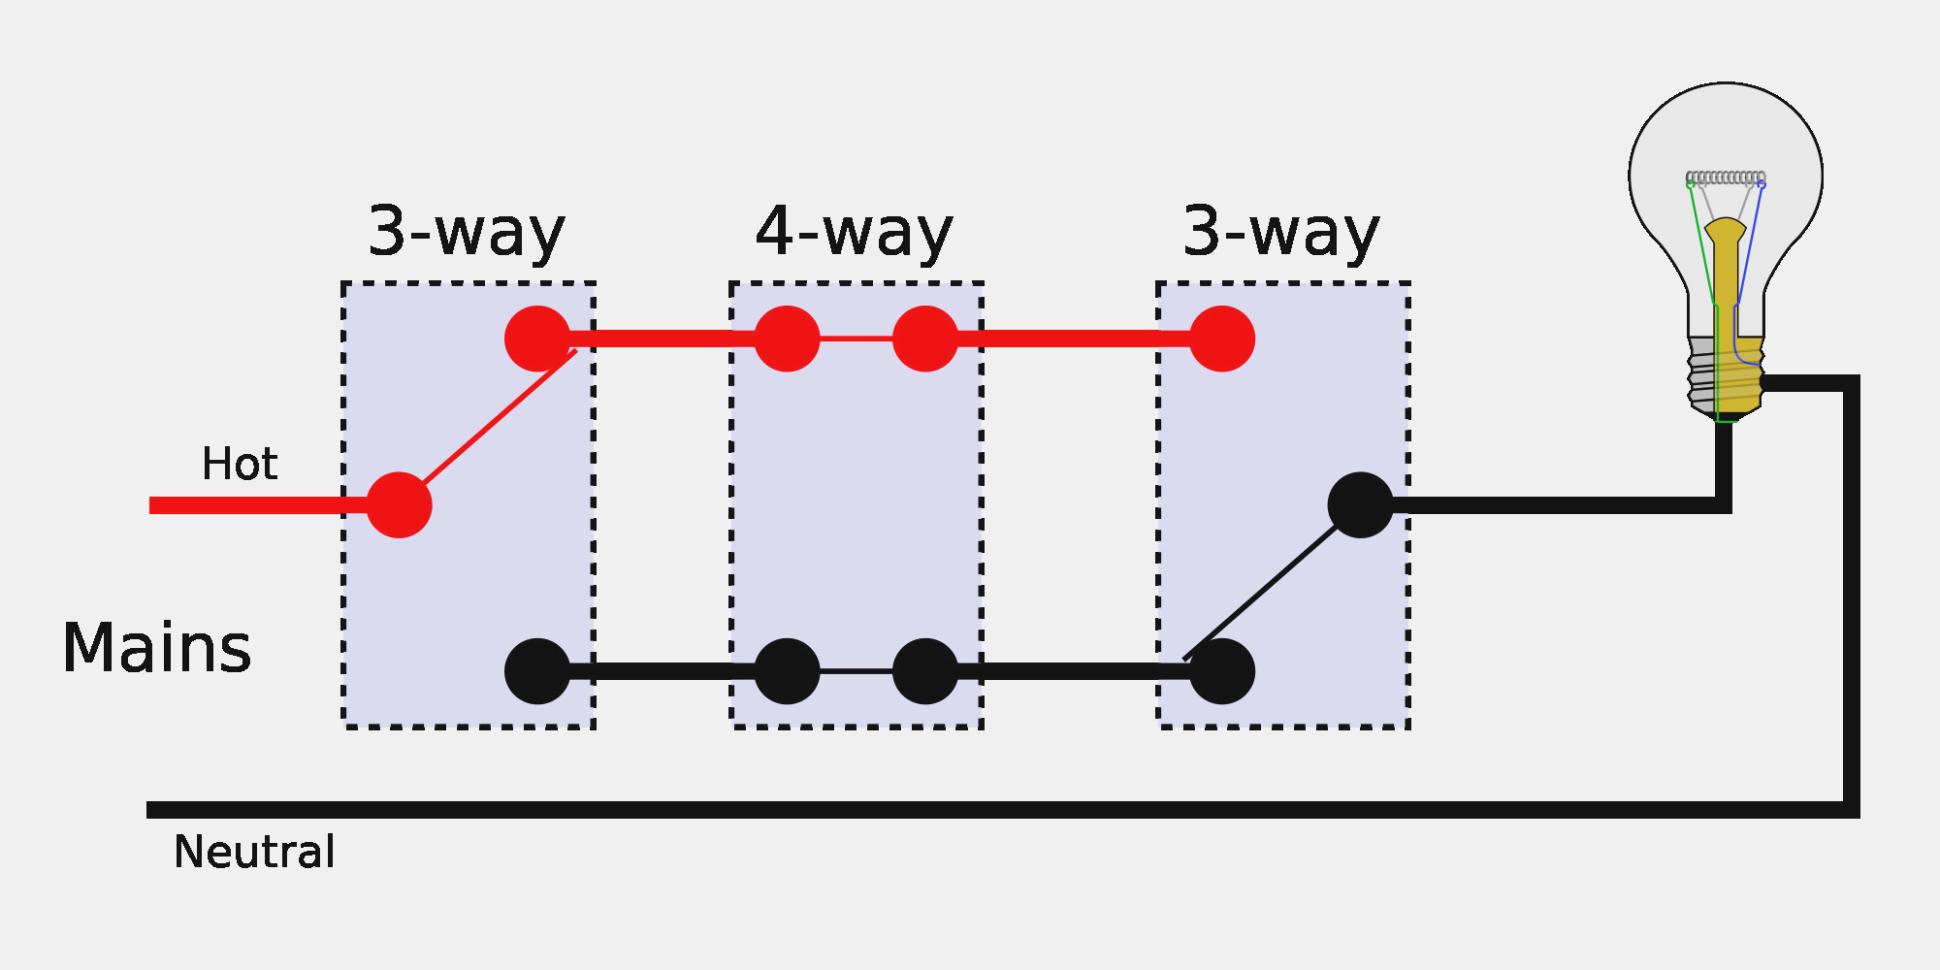 3 Way Light Switch Wiring Diagram Pdf | Wiring Diagram - 4 Way Switch Wiring Diagram Pdf